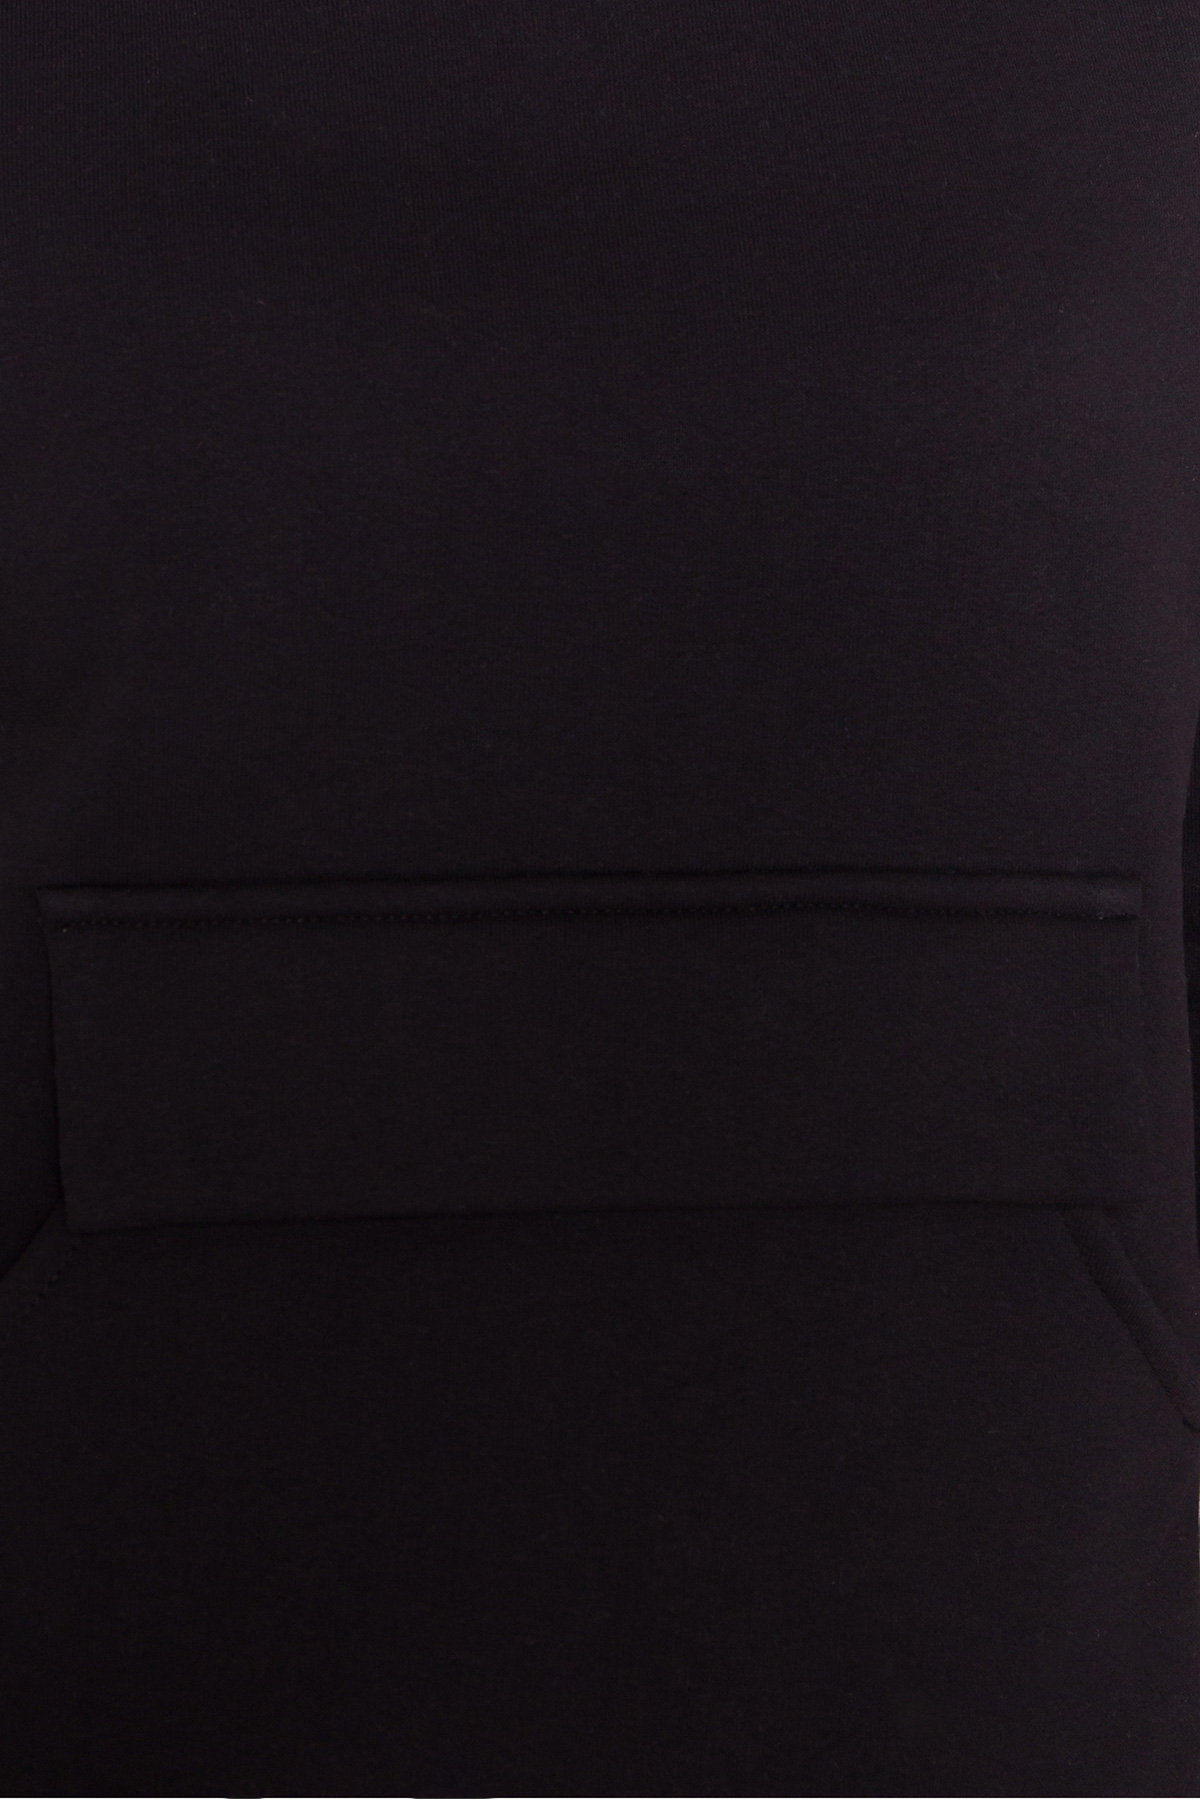 Костюм Бруклин 8658 АРТ. 45011 Цвет: Черный - фото 4, интернет магазин tm-modus.ru